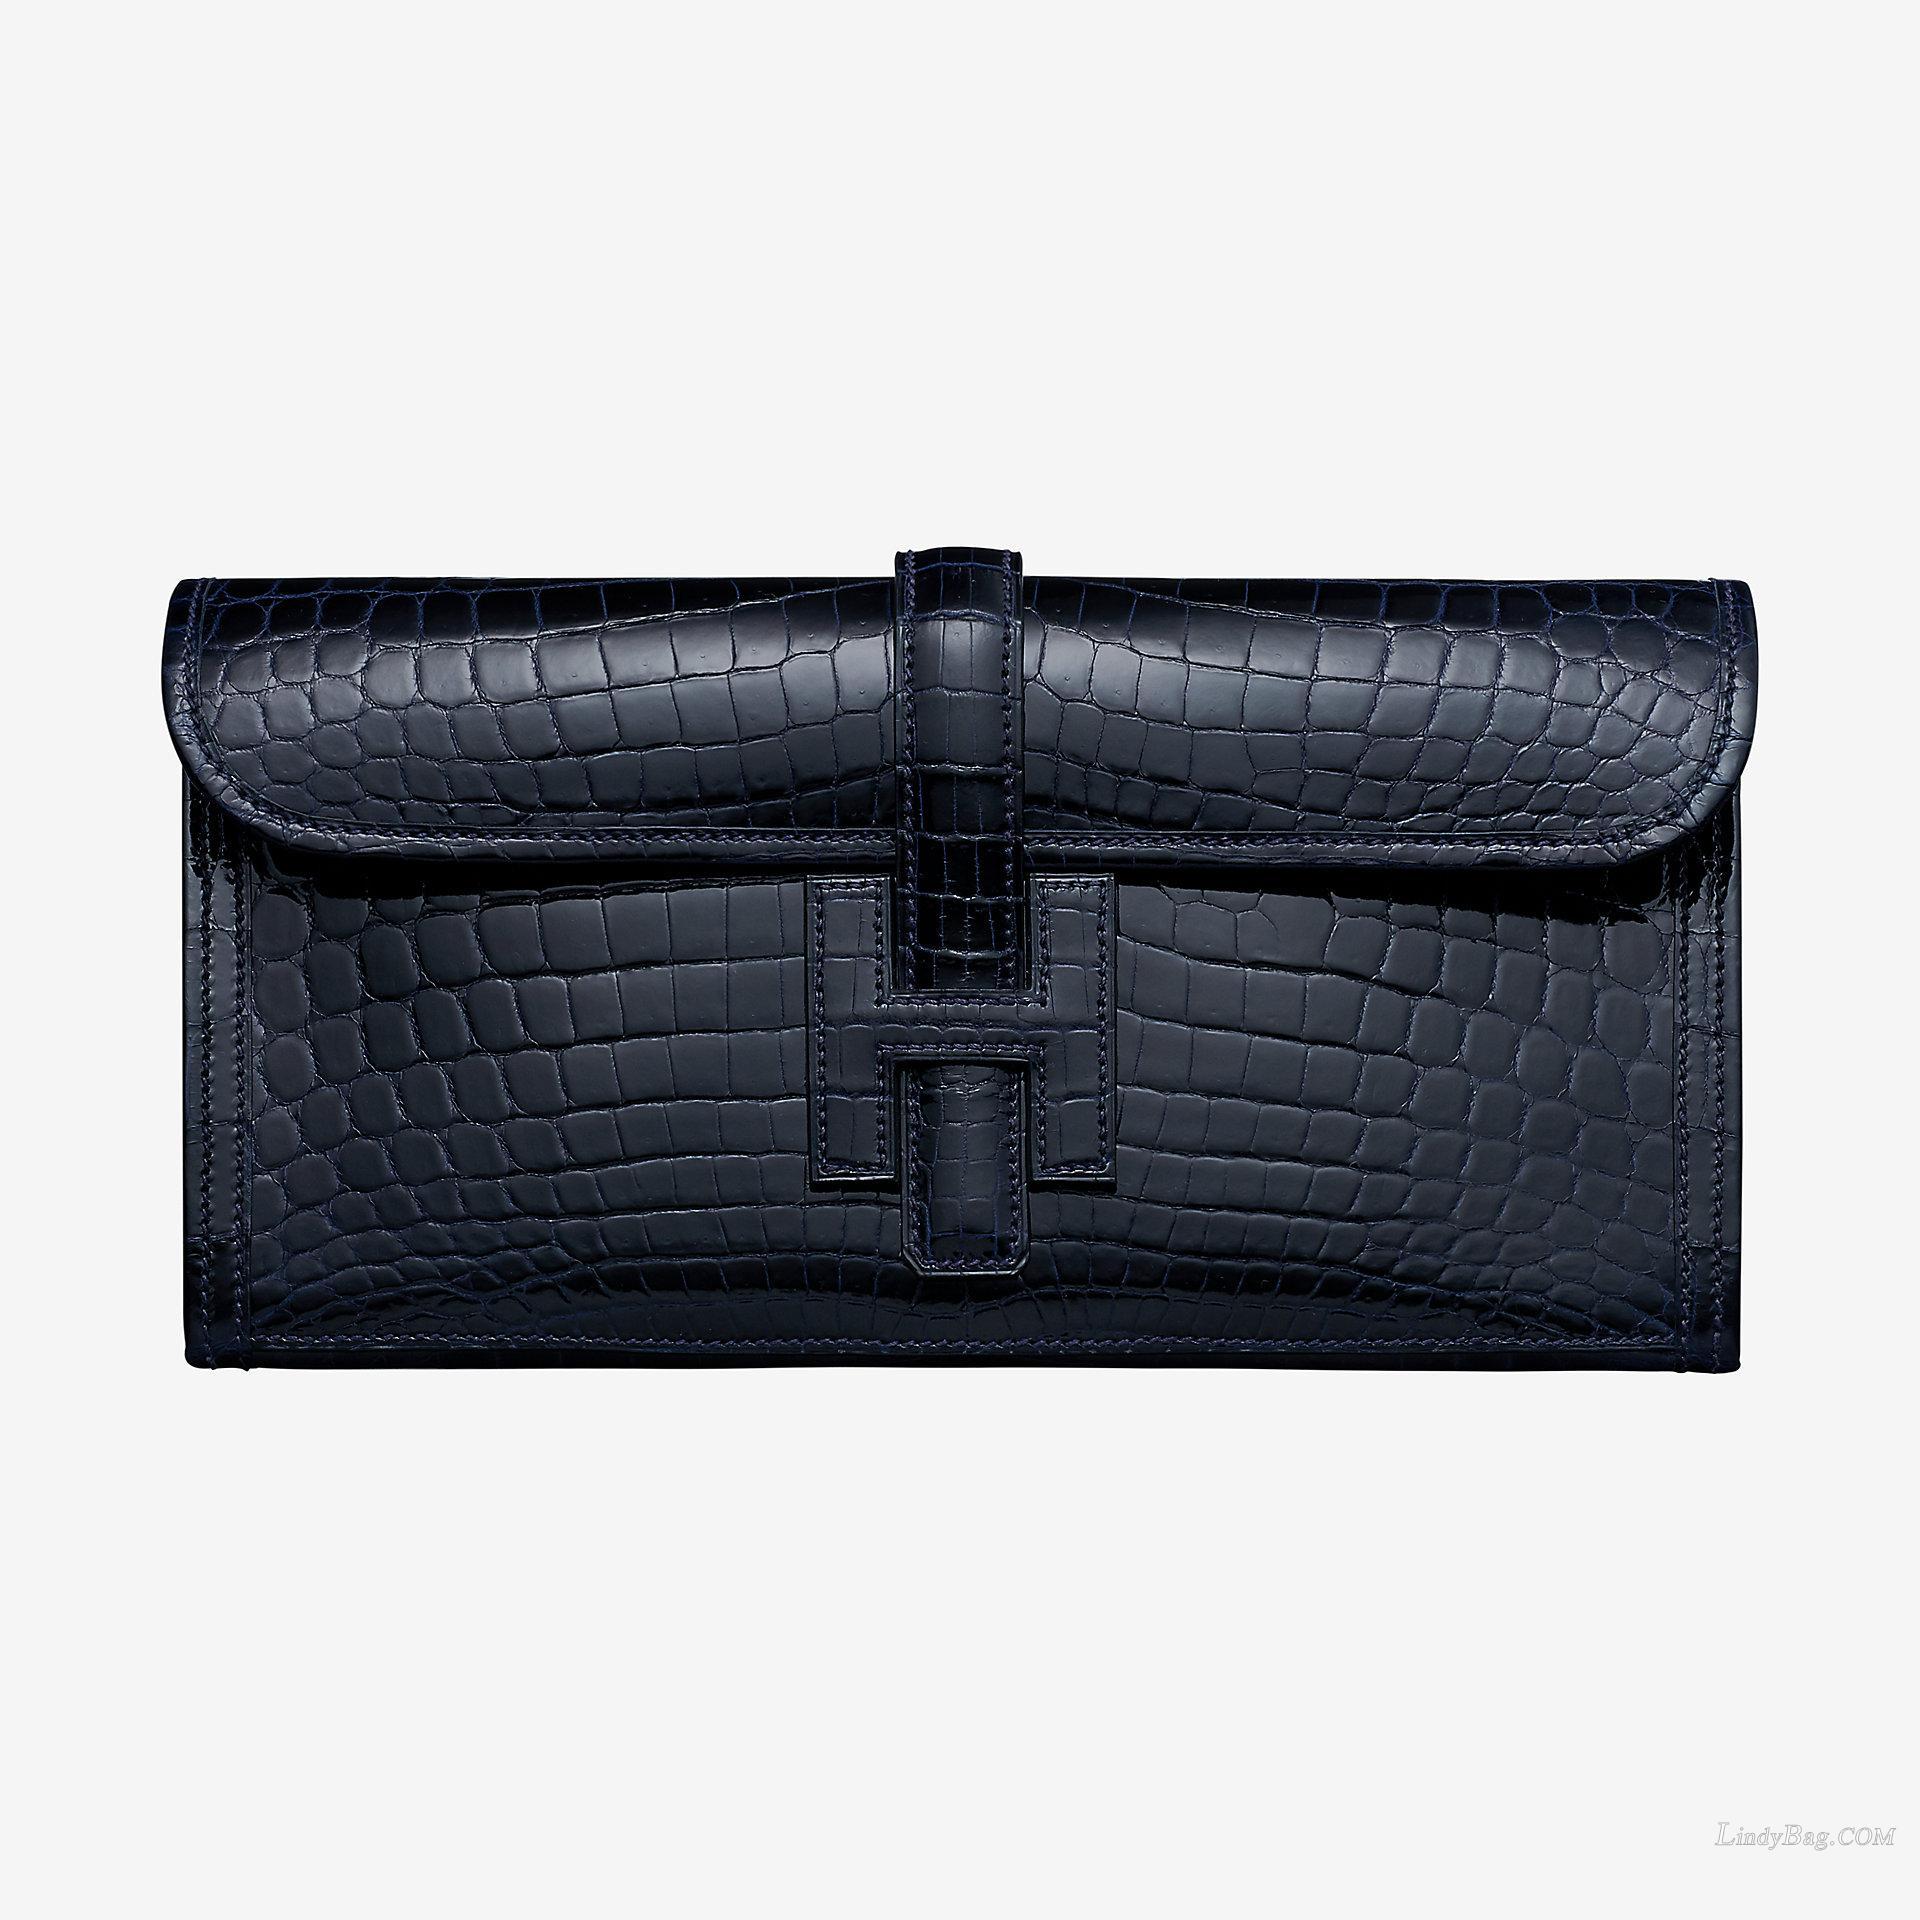 Hermes Jige Elan 29 clutch CA78 bleu marine crocodile leather